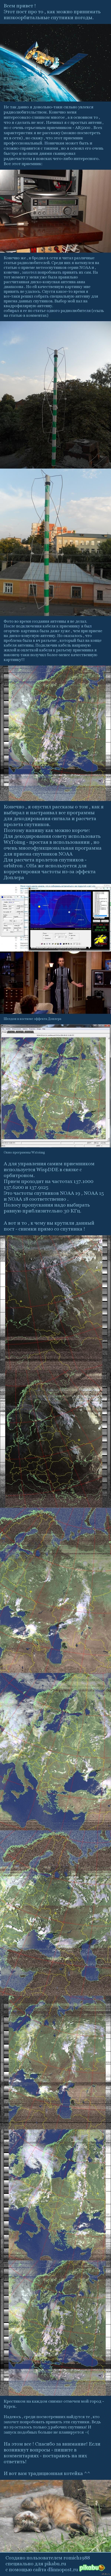 Как я спутники погоды принимал (длиннопост) Прием спутников погоды серии NOAA